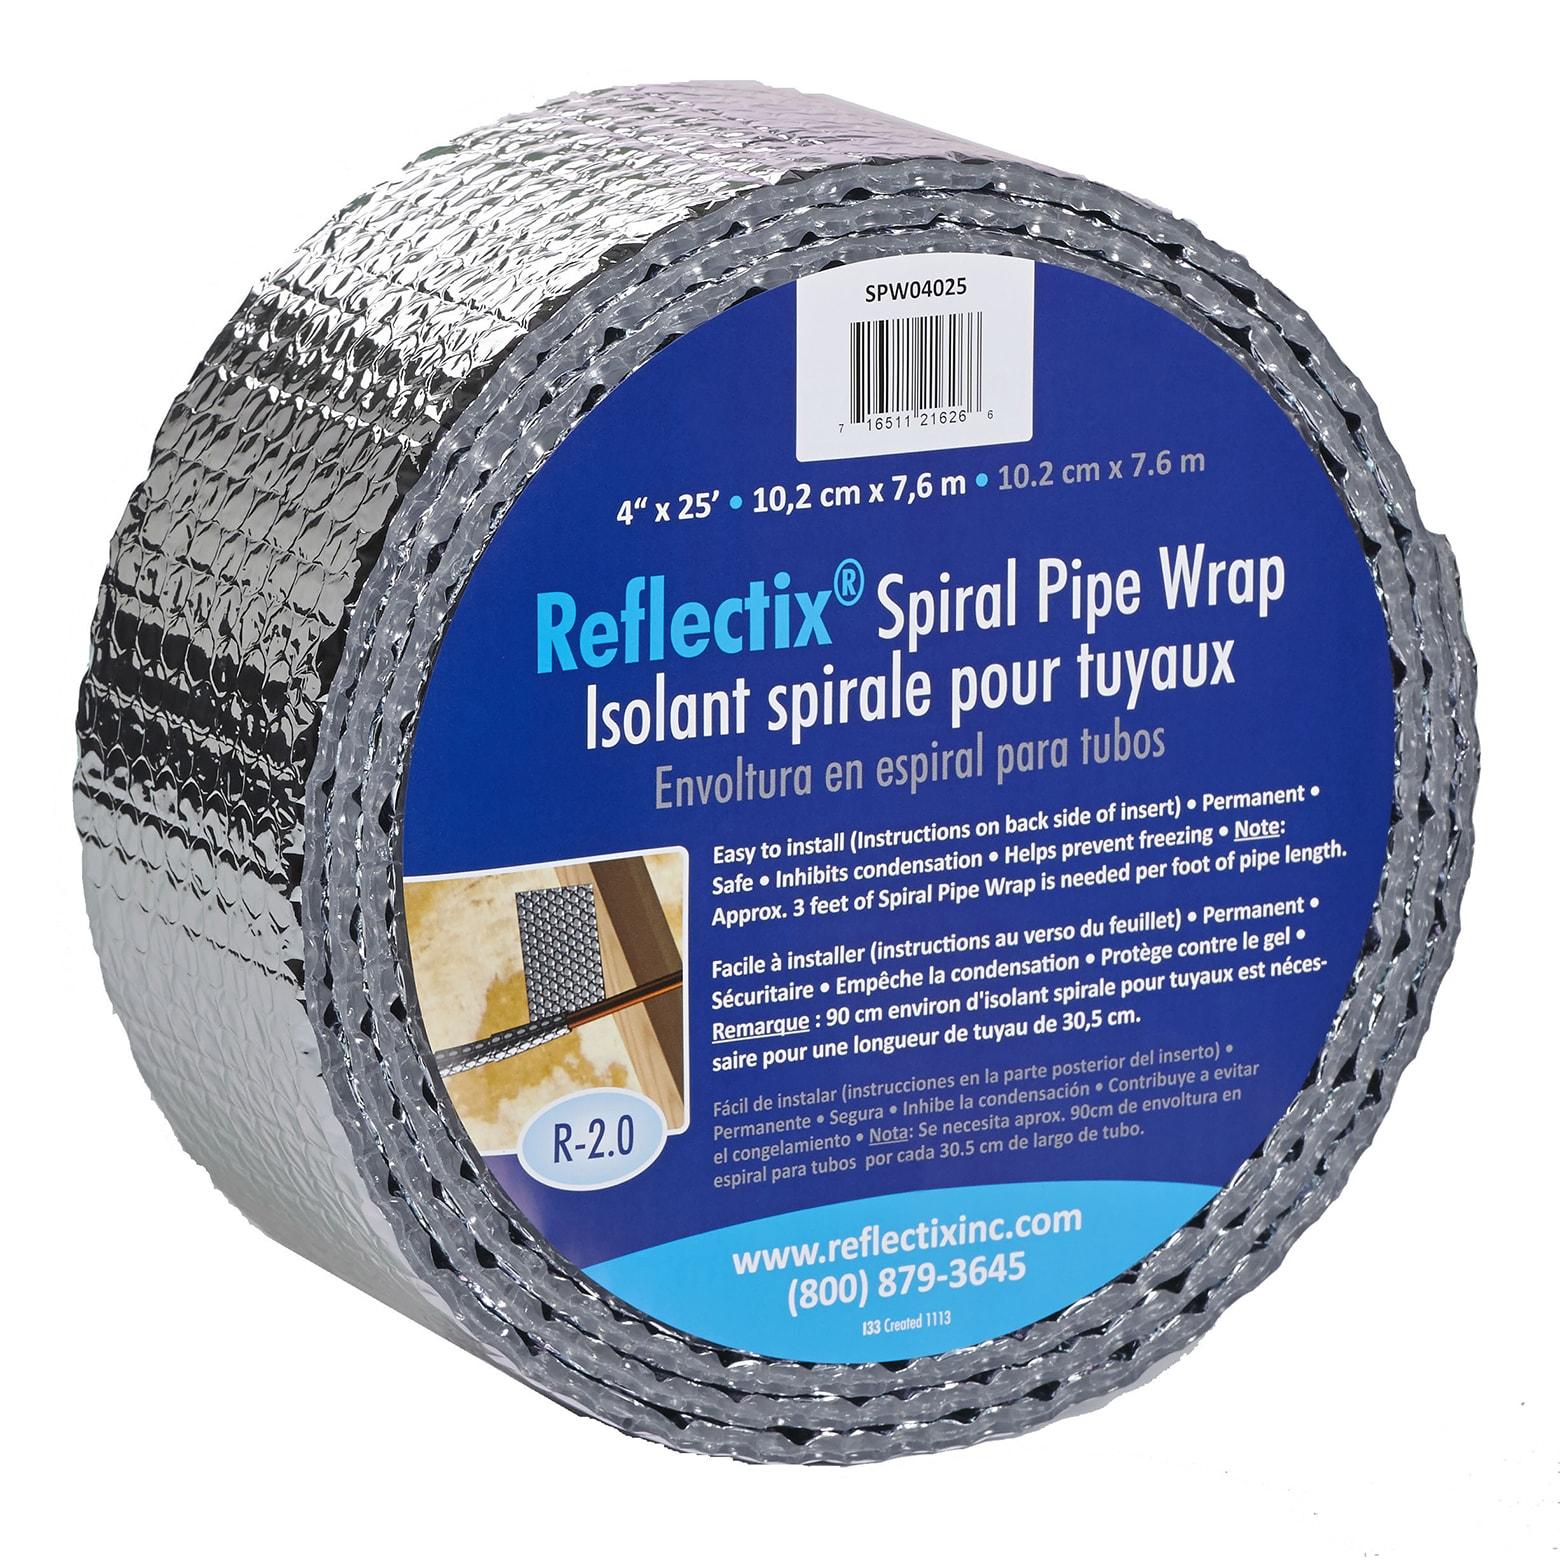 Reflectix SPW0402512 4 X 25 Spiral Pipe Wrap (Pipe Wrap 4x25)